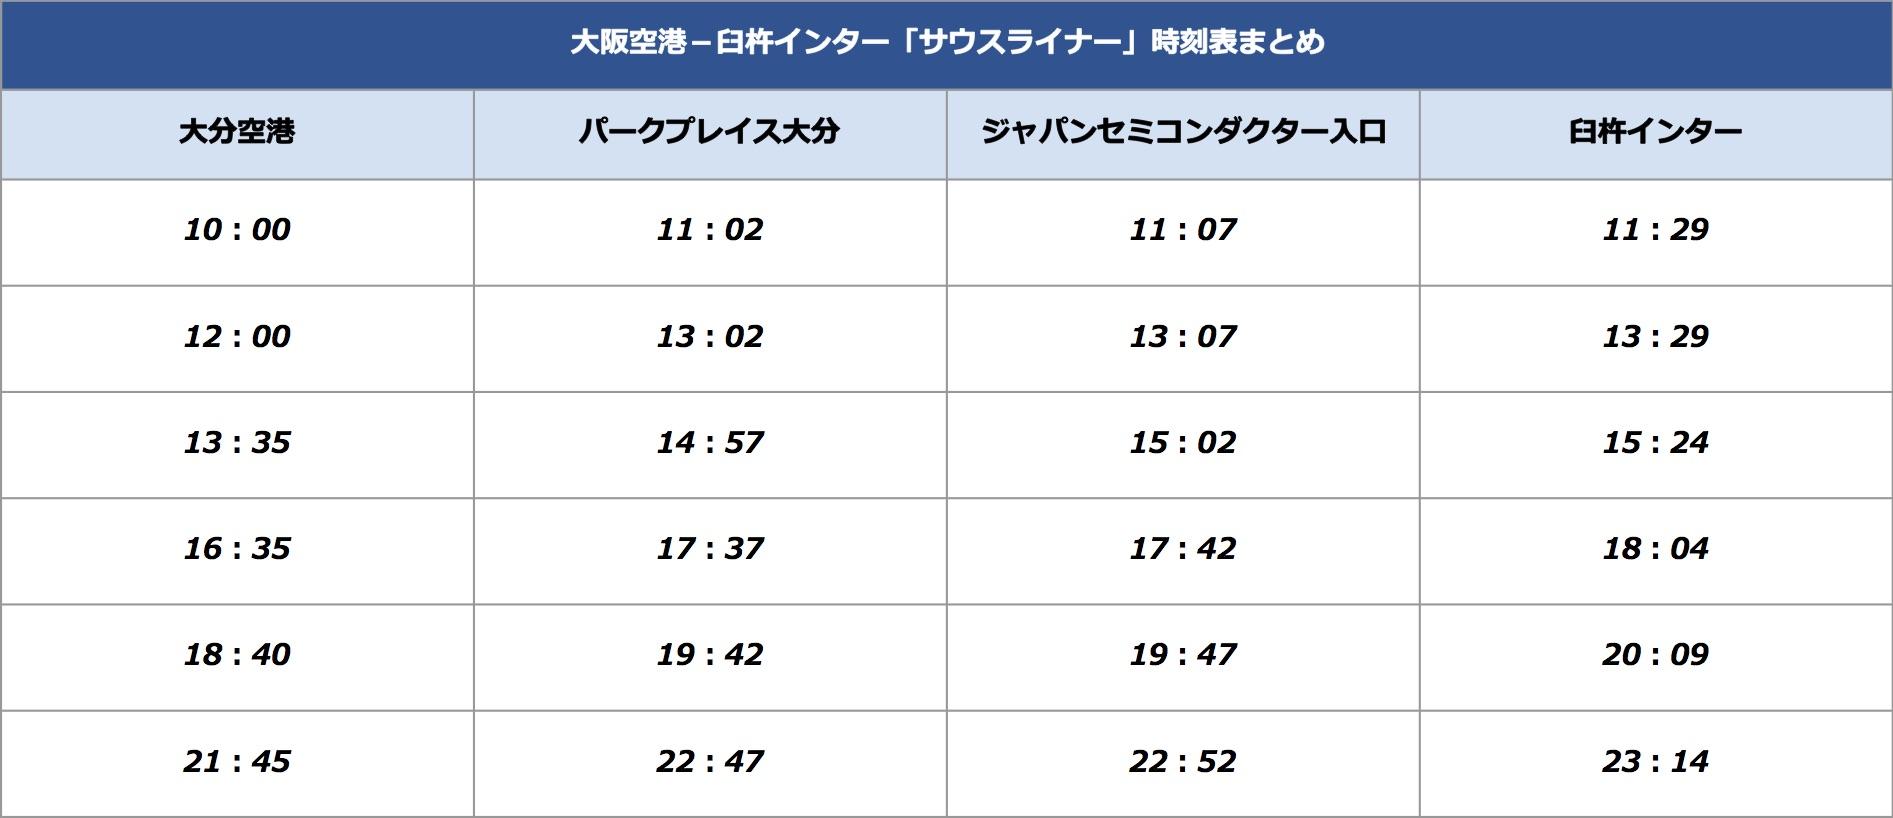 大分空港-臼杵市までの移動アクセス「サウスライナー」の運賃・所要時間まとめ